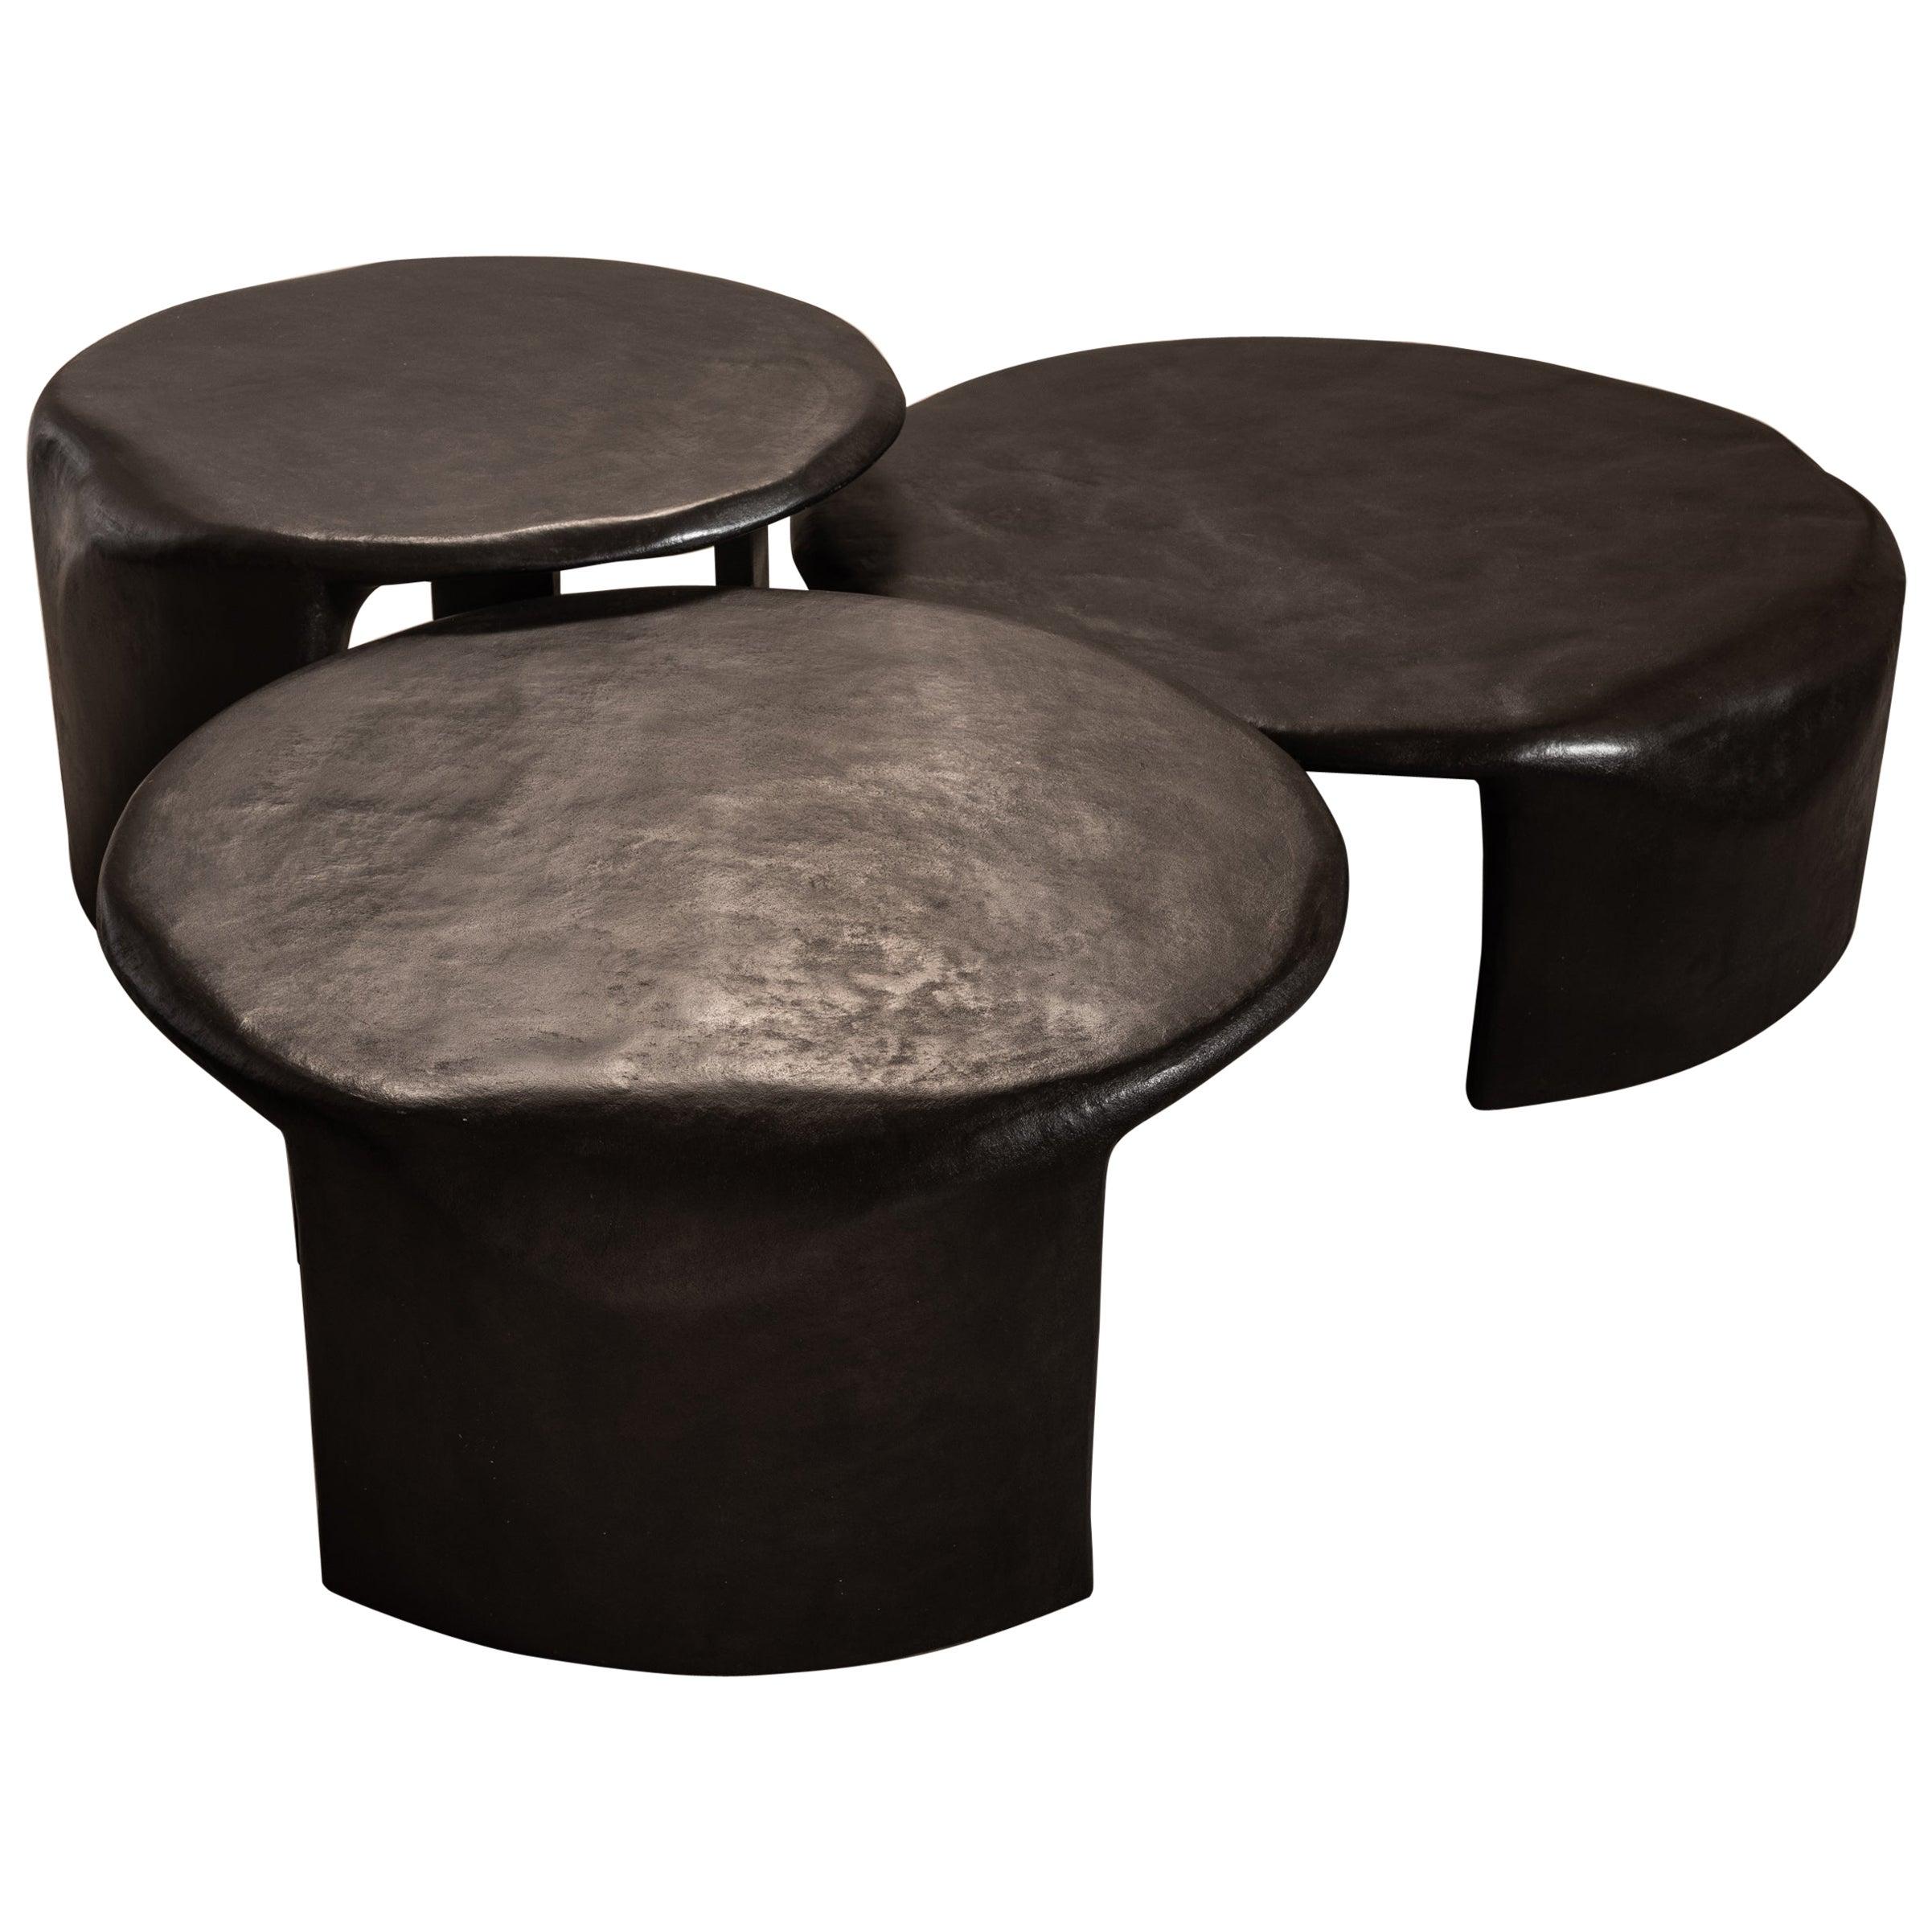 Bellagio Coffee Table Set by Studio Emblématique